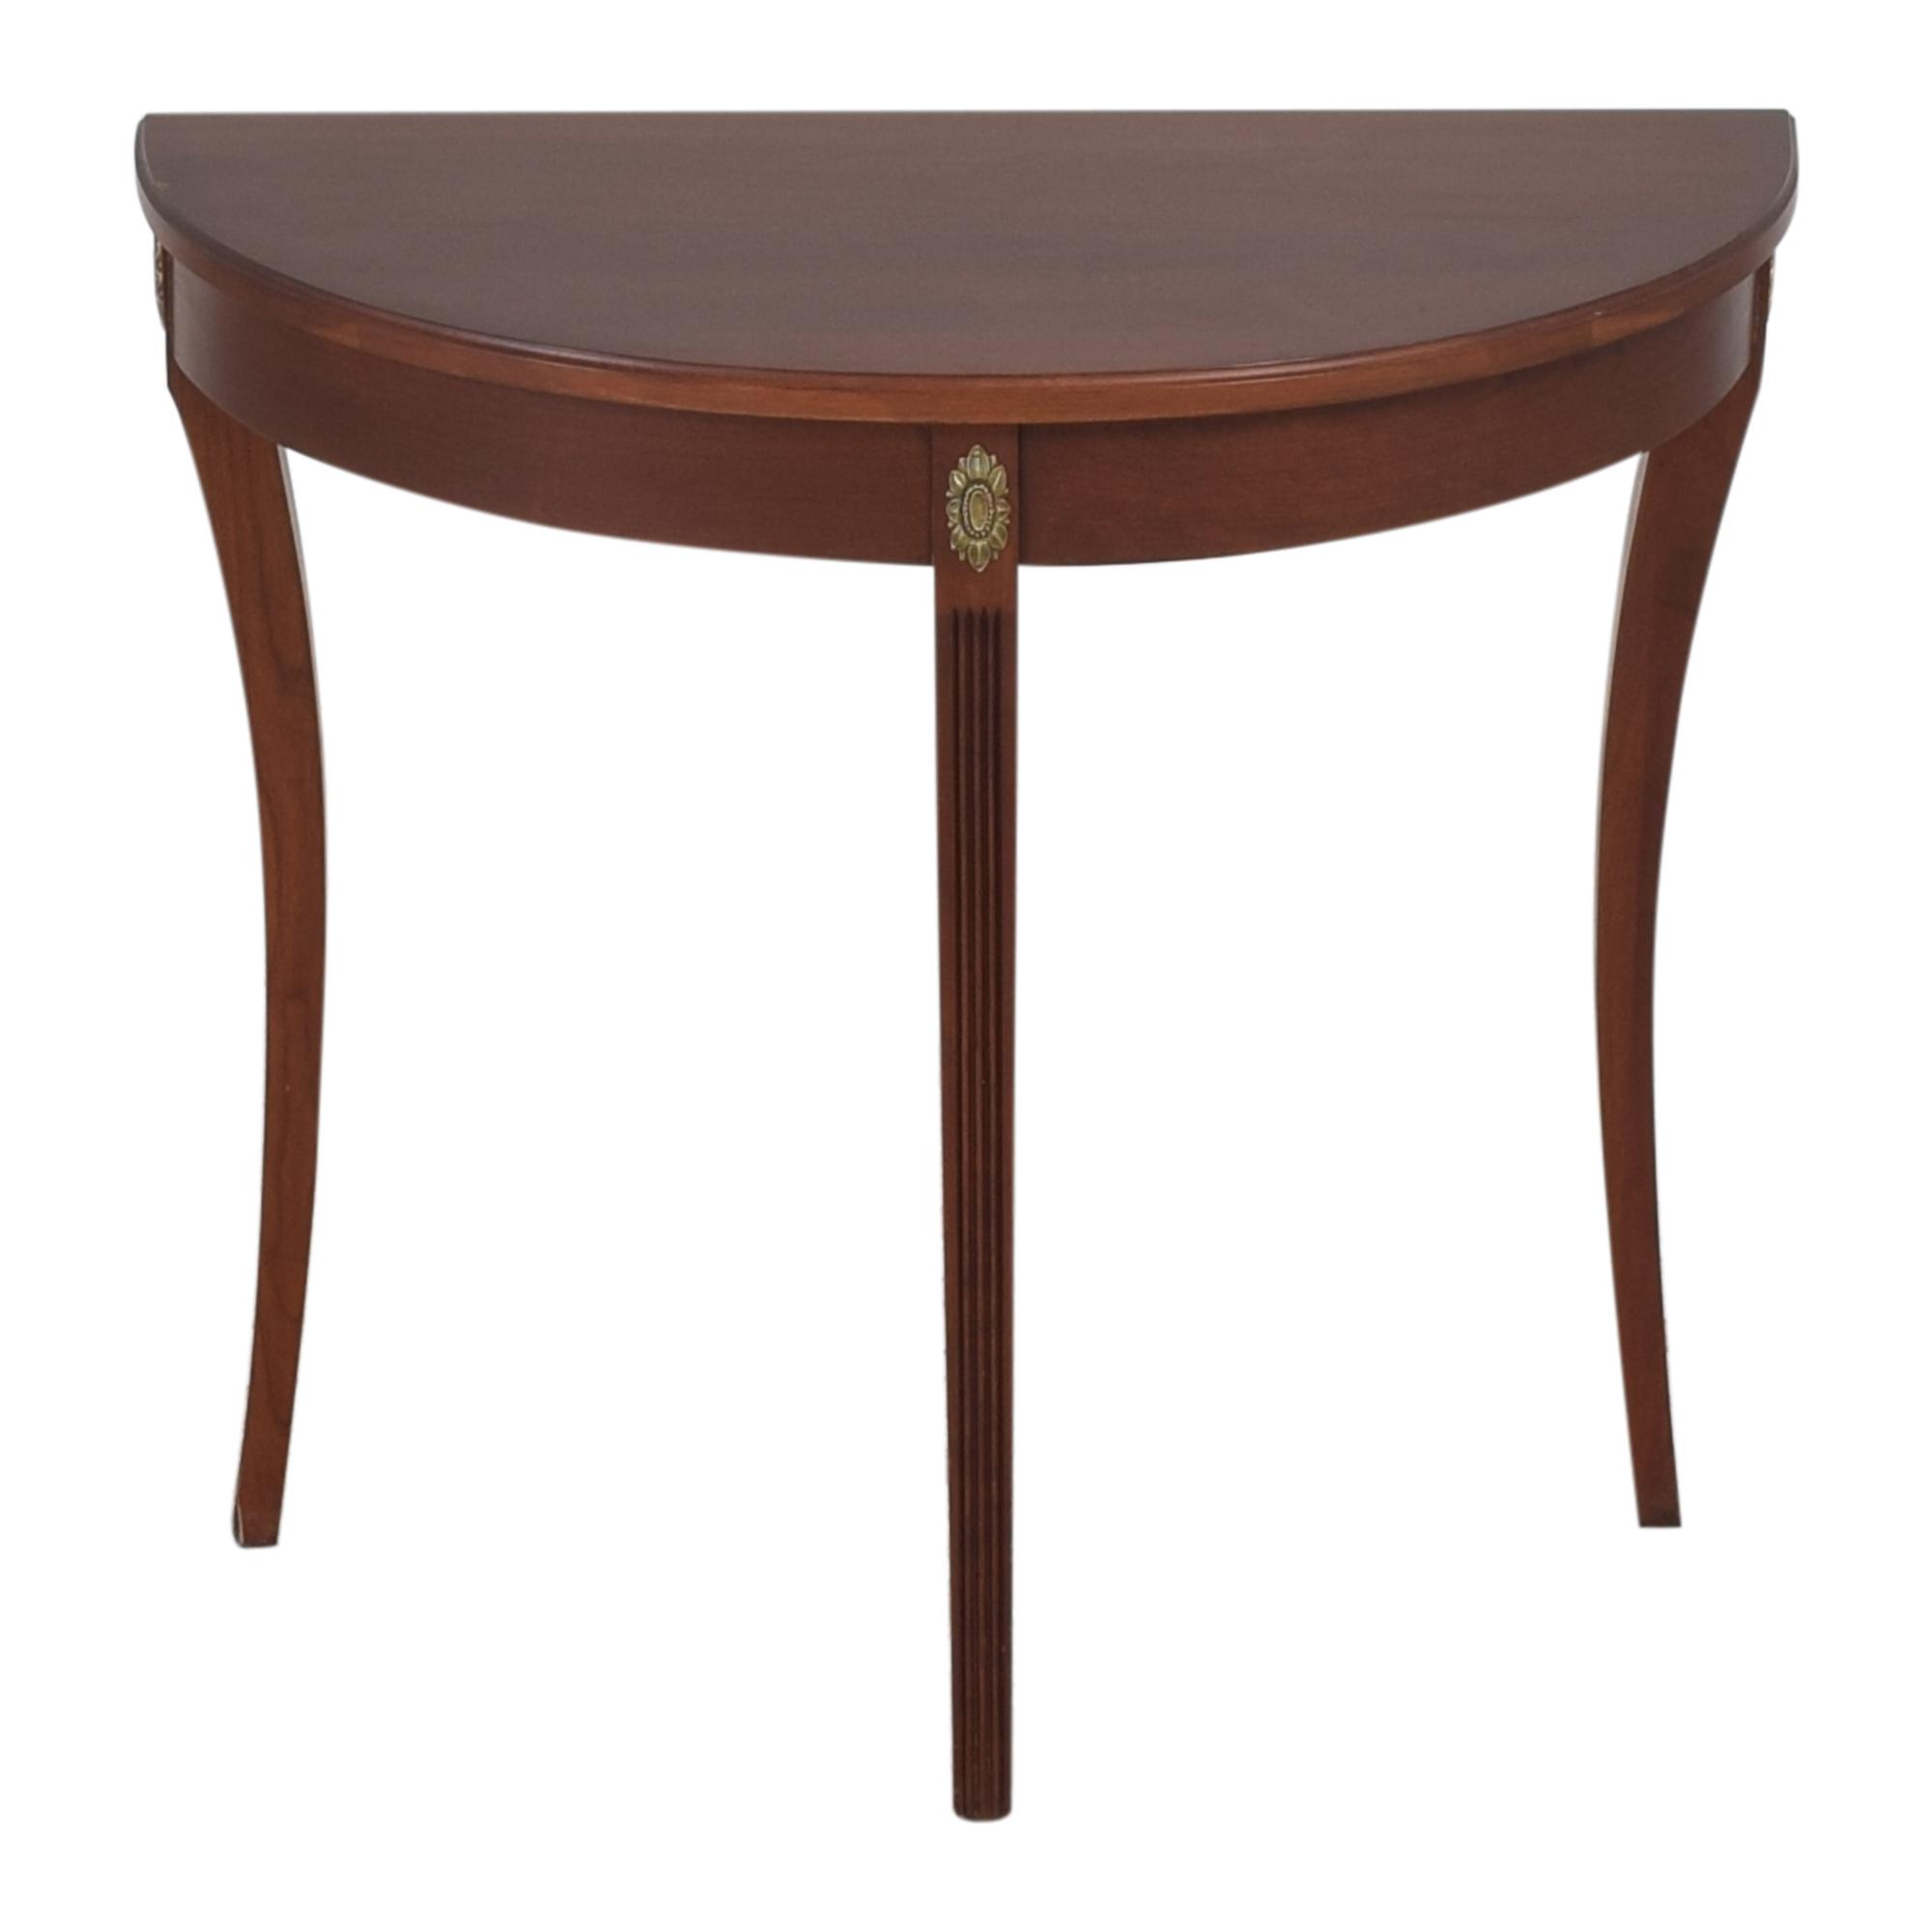 Ethan Allen Ethan Allen Demilune Console Table for sale